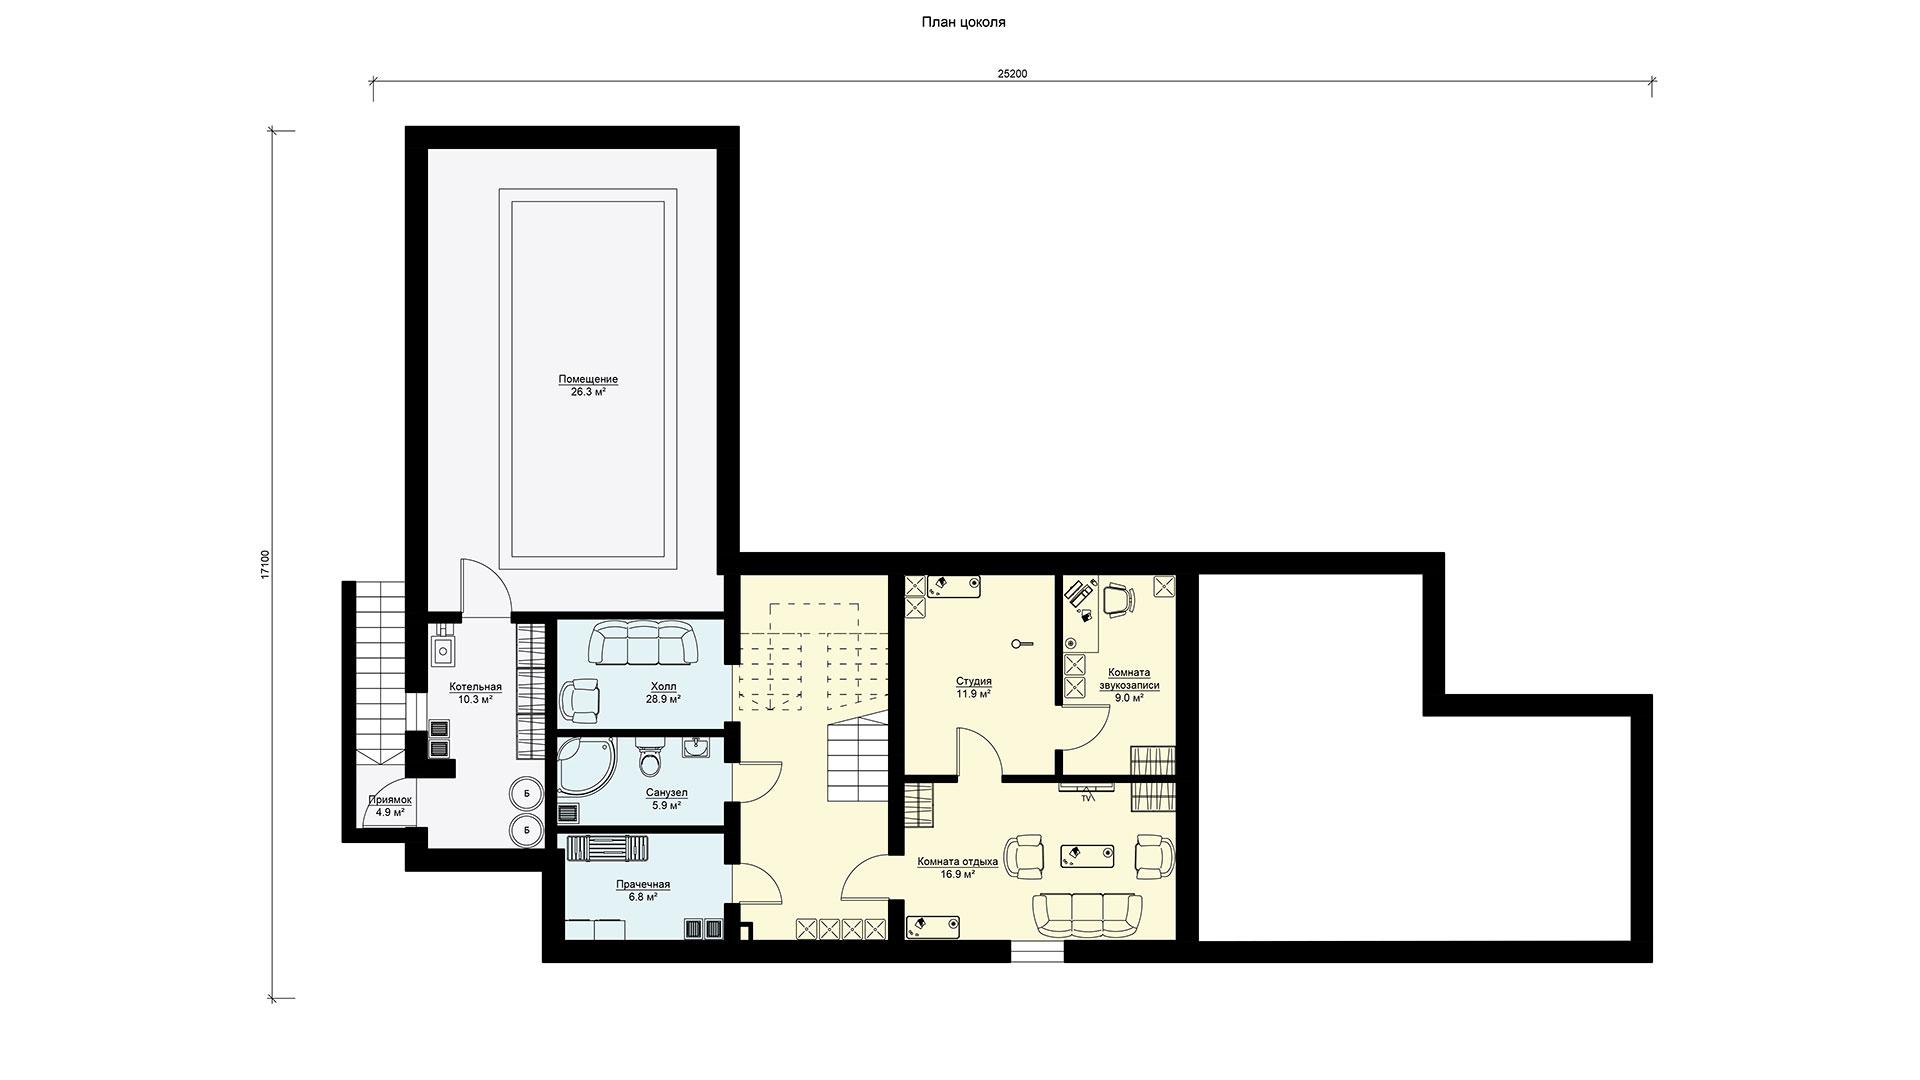 Планировка цокольного этажа проекта БП-605